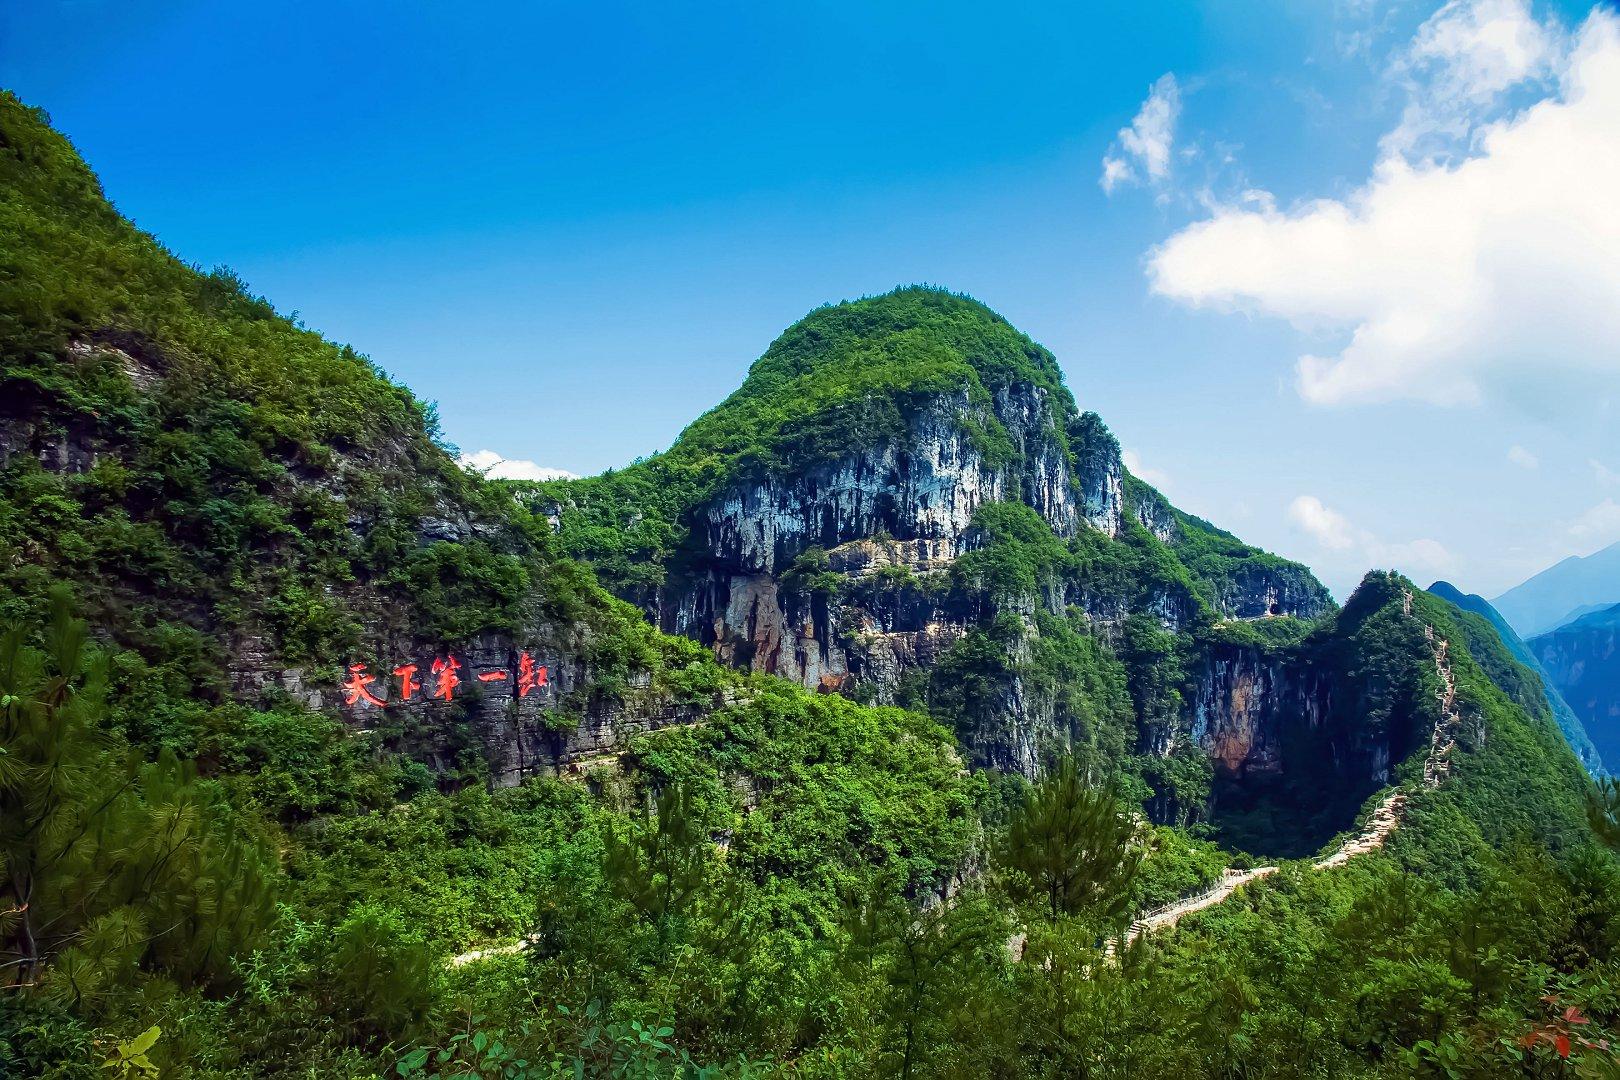 达州周边最适合出游的景区 云阳龙缸,系国家5A级旅游景区